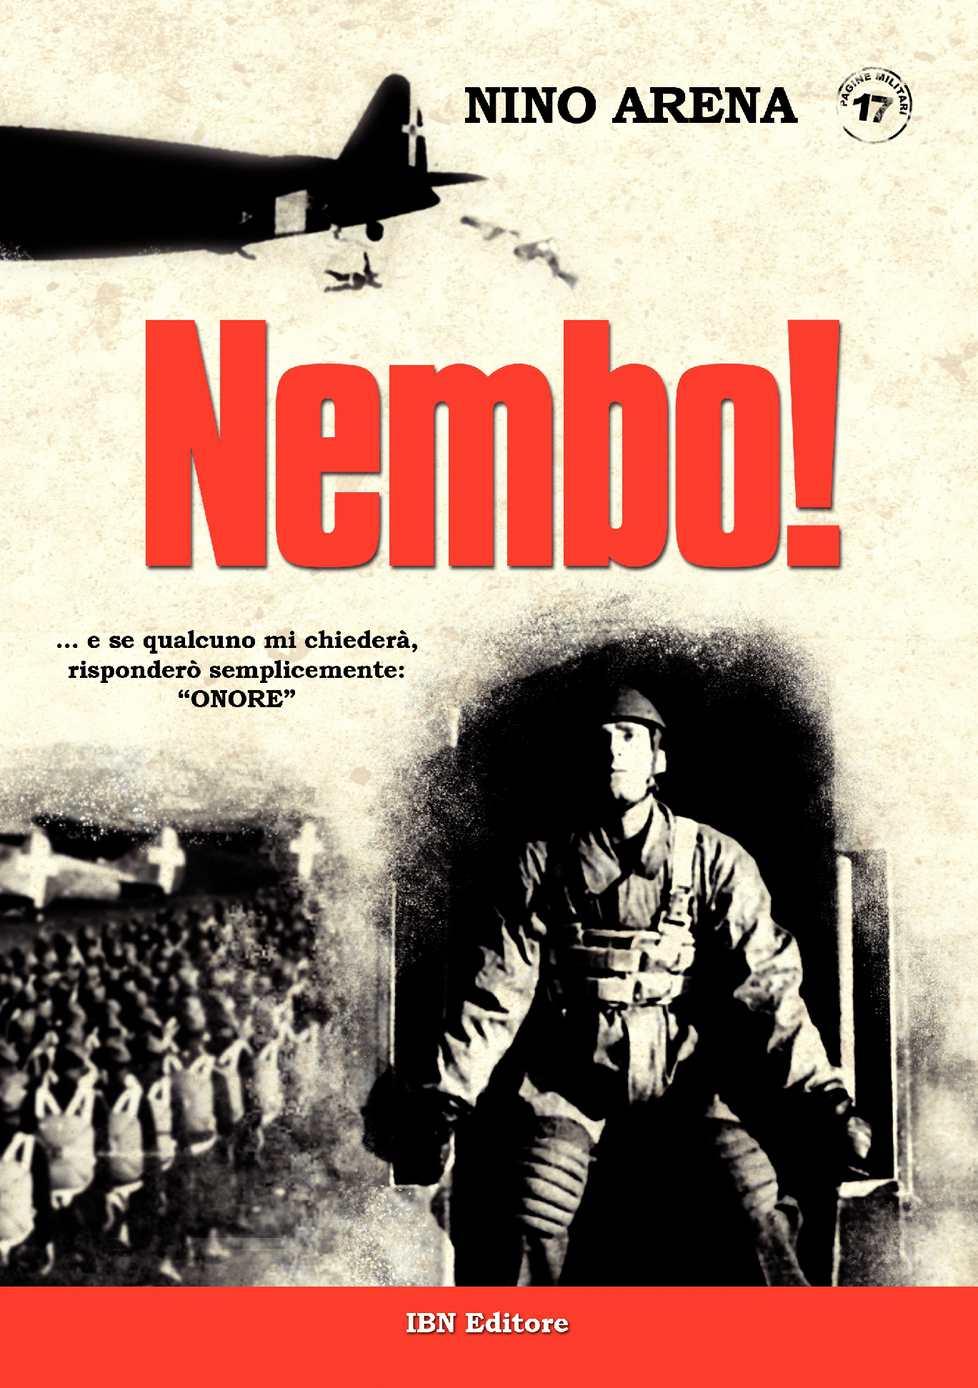 Arena Nino, Nembo!